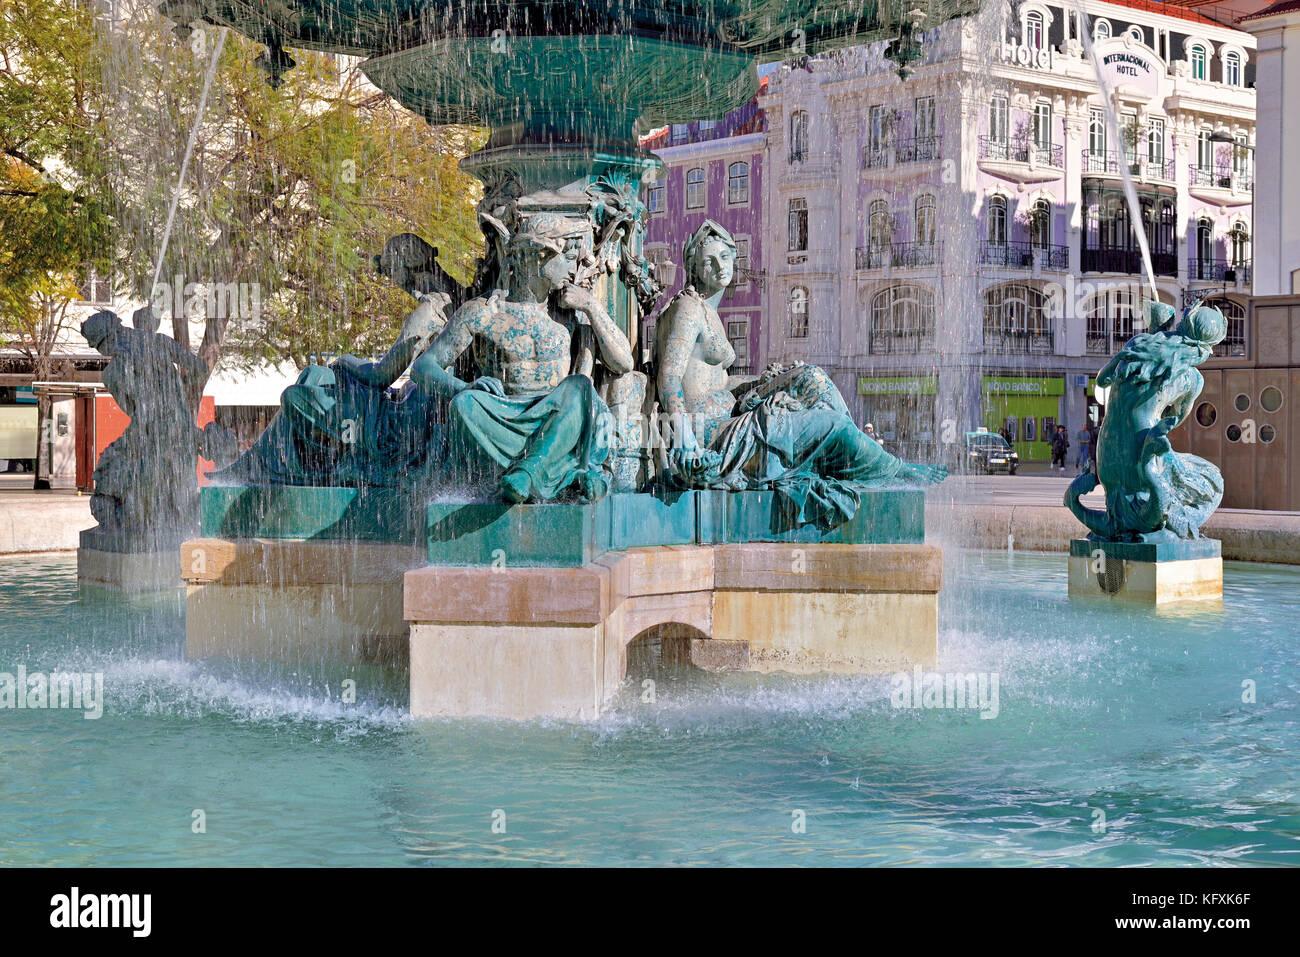 Fuente de bronce con figuras mytholoical en el centro de Lisboa Imagen De Stock